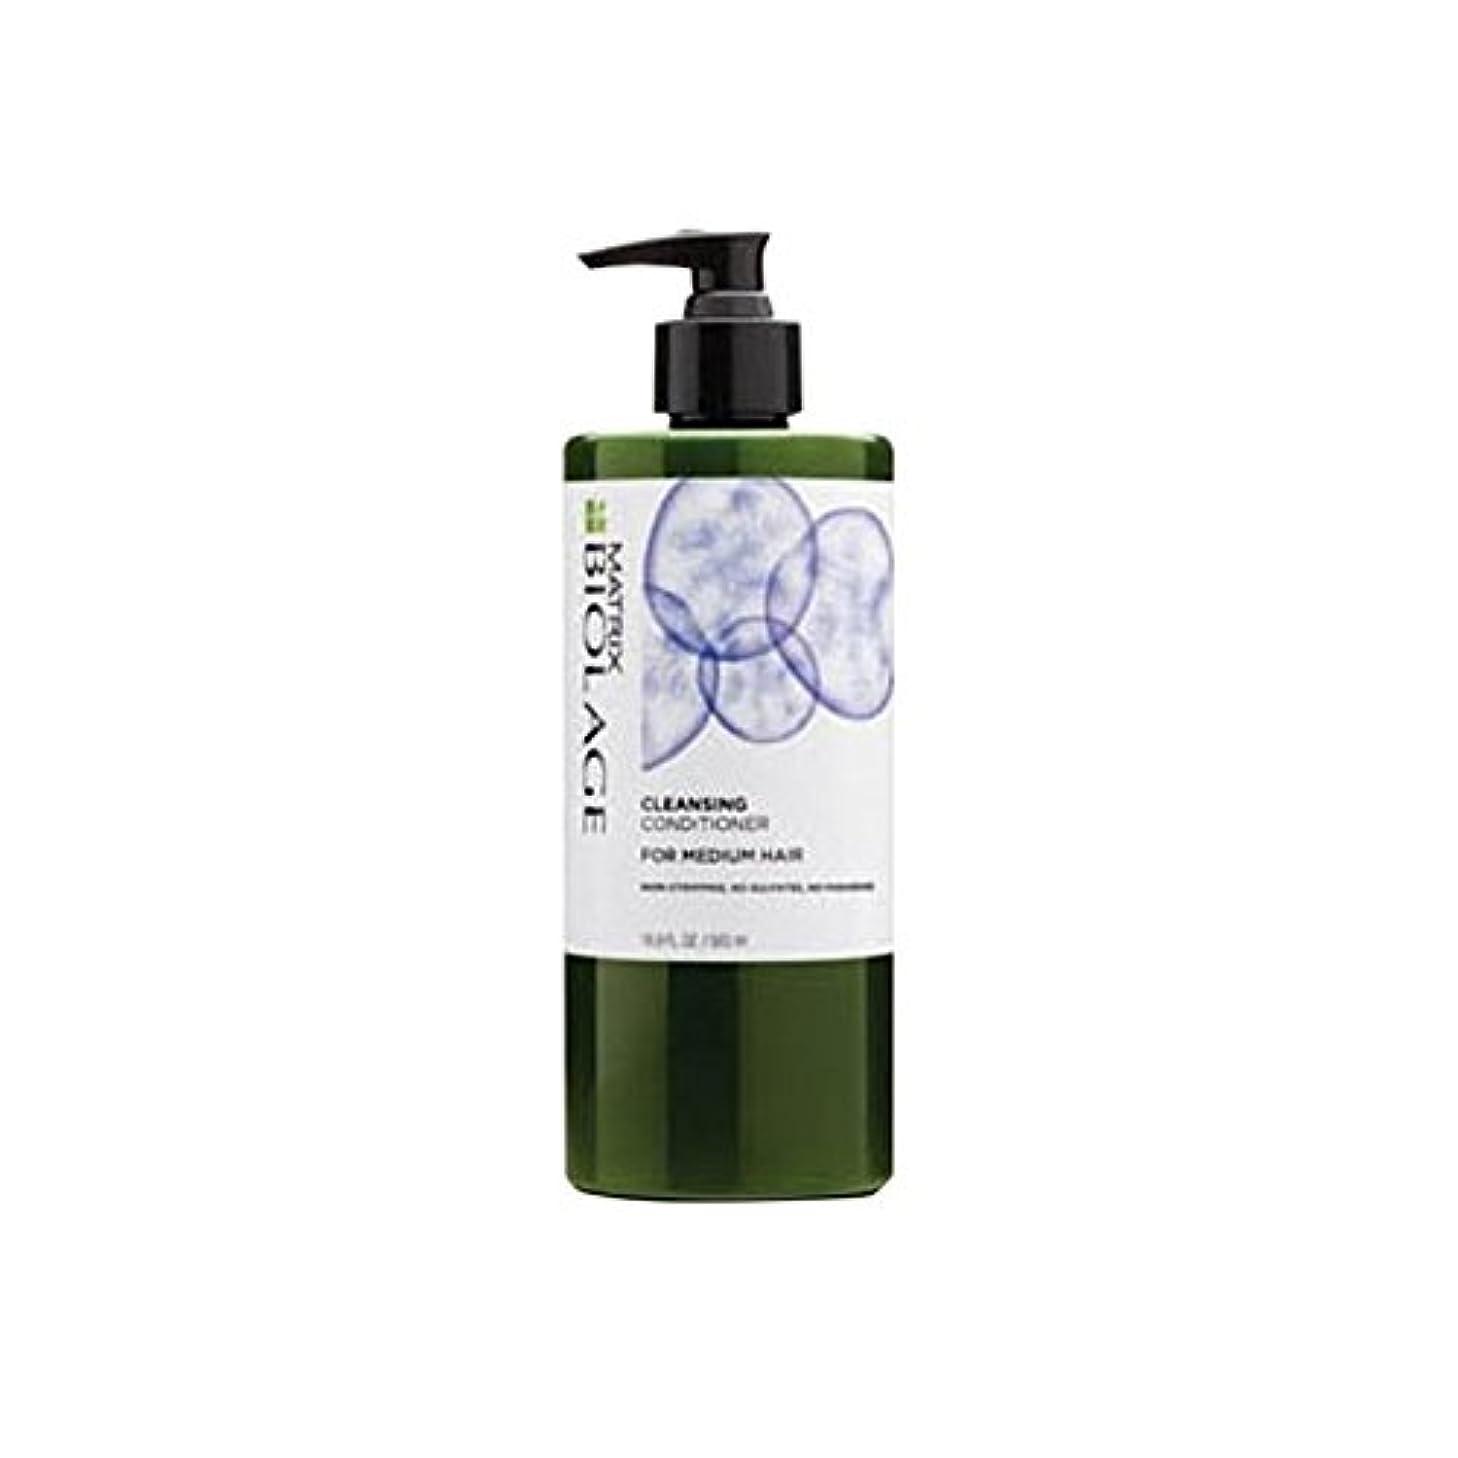 赤ちゃん本能投票Matrix Biolage Cleansing Conditioner - Medium Hair (500ml) - マトリックスバイオレイジクレンジングコンディショナー - メディア髪(500ミリリットル) [並行輸入品]